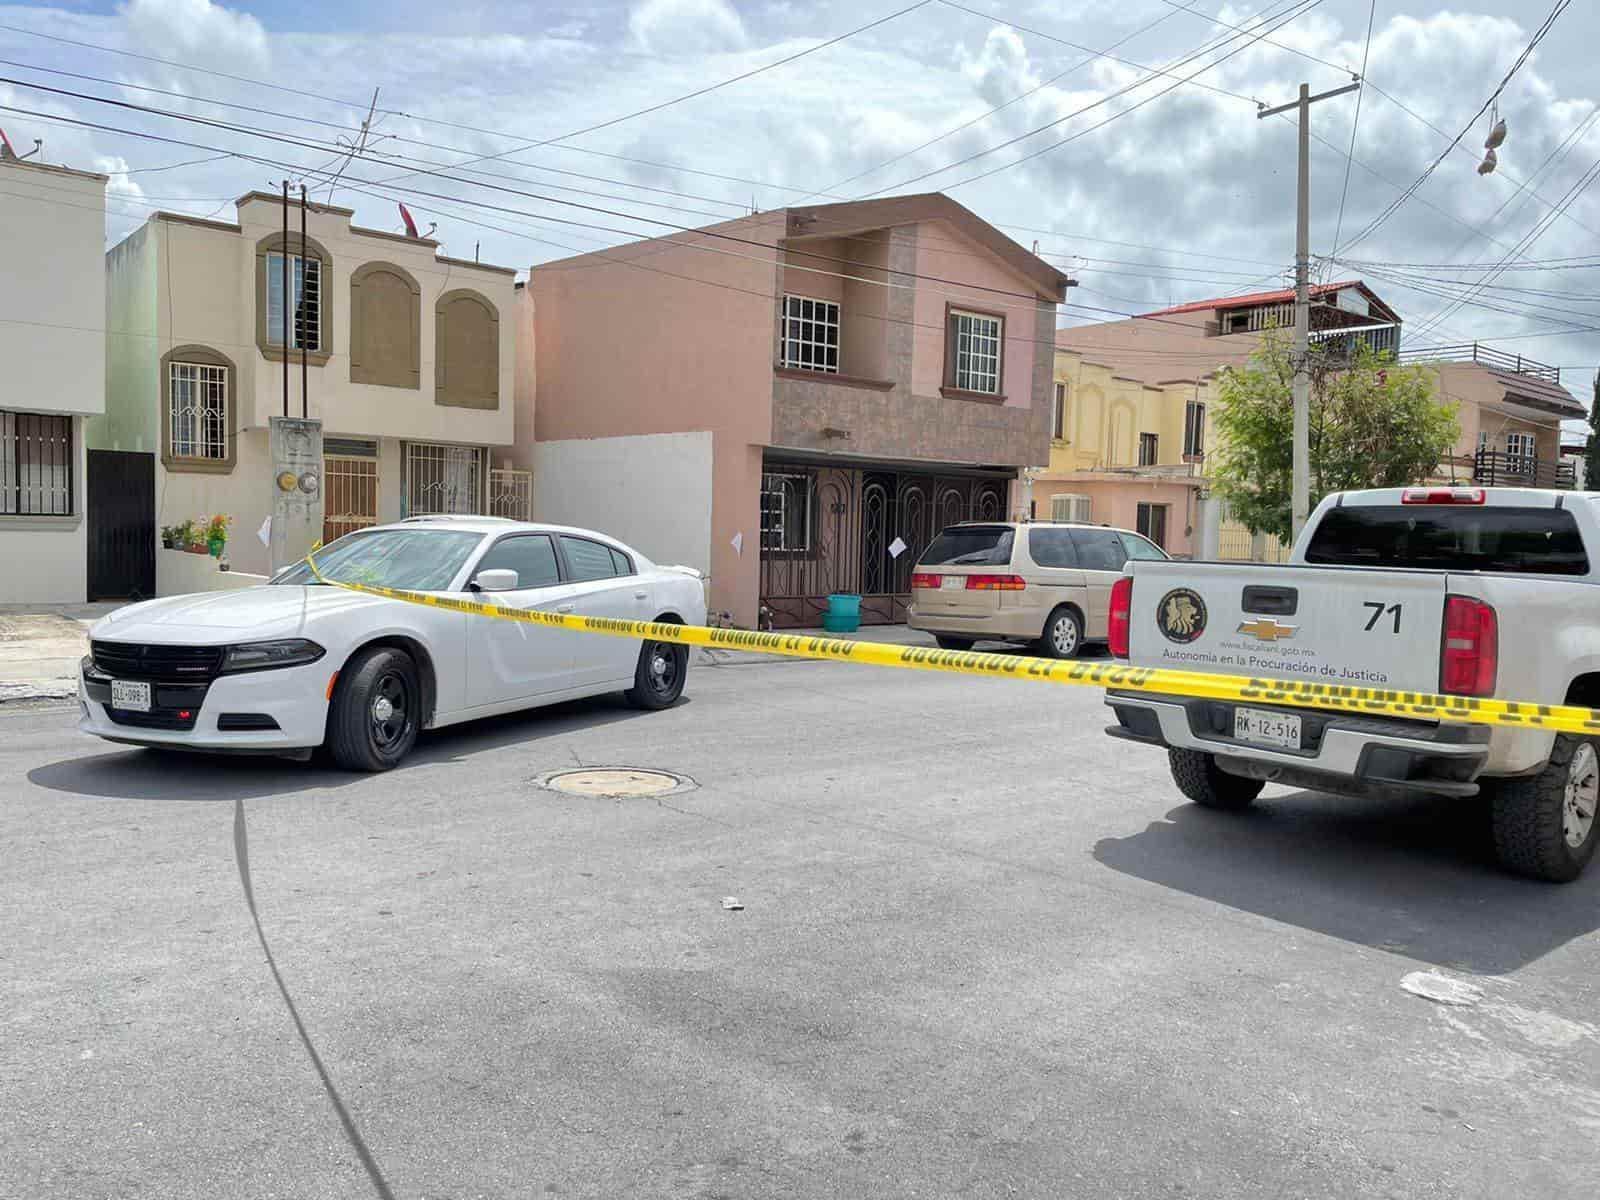 Dos domicilios en la Colonia Lomas de San Roque, fueron cateados